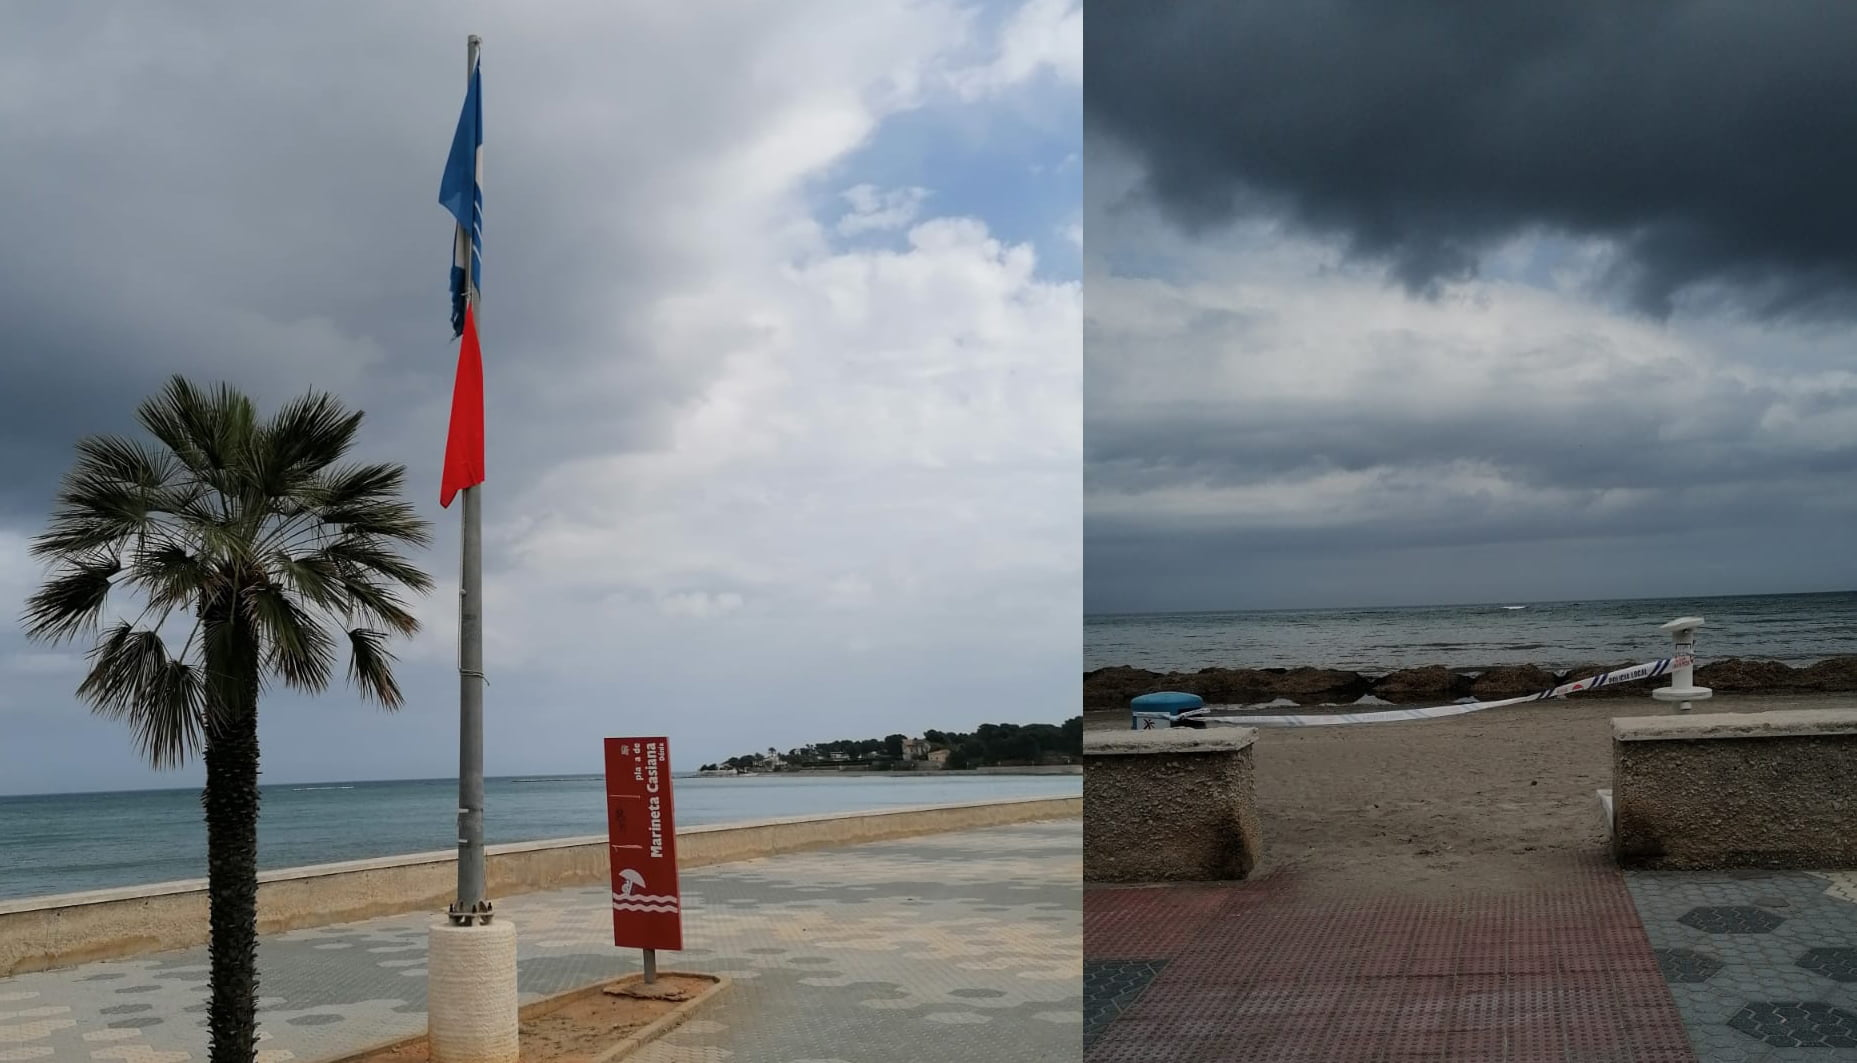 Le spiagge di Denia sono chiuse